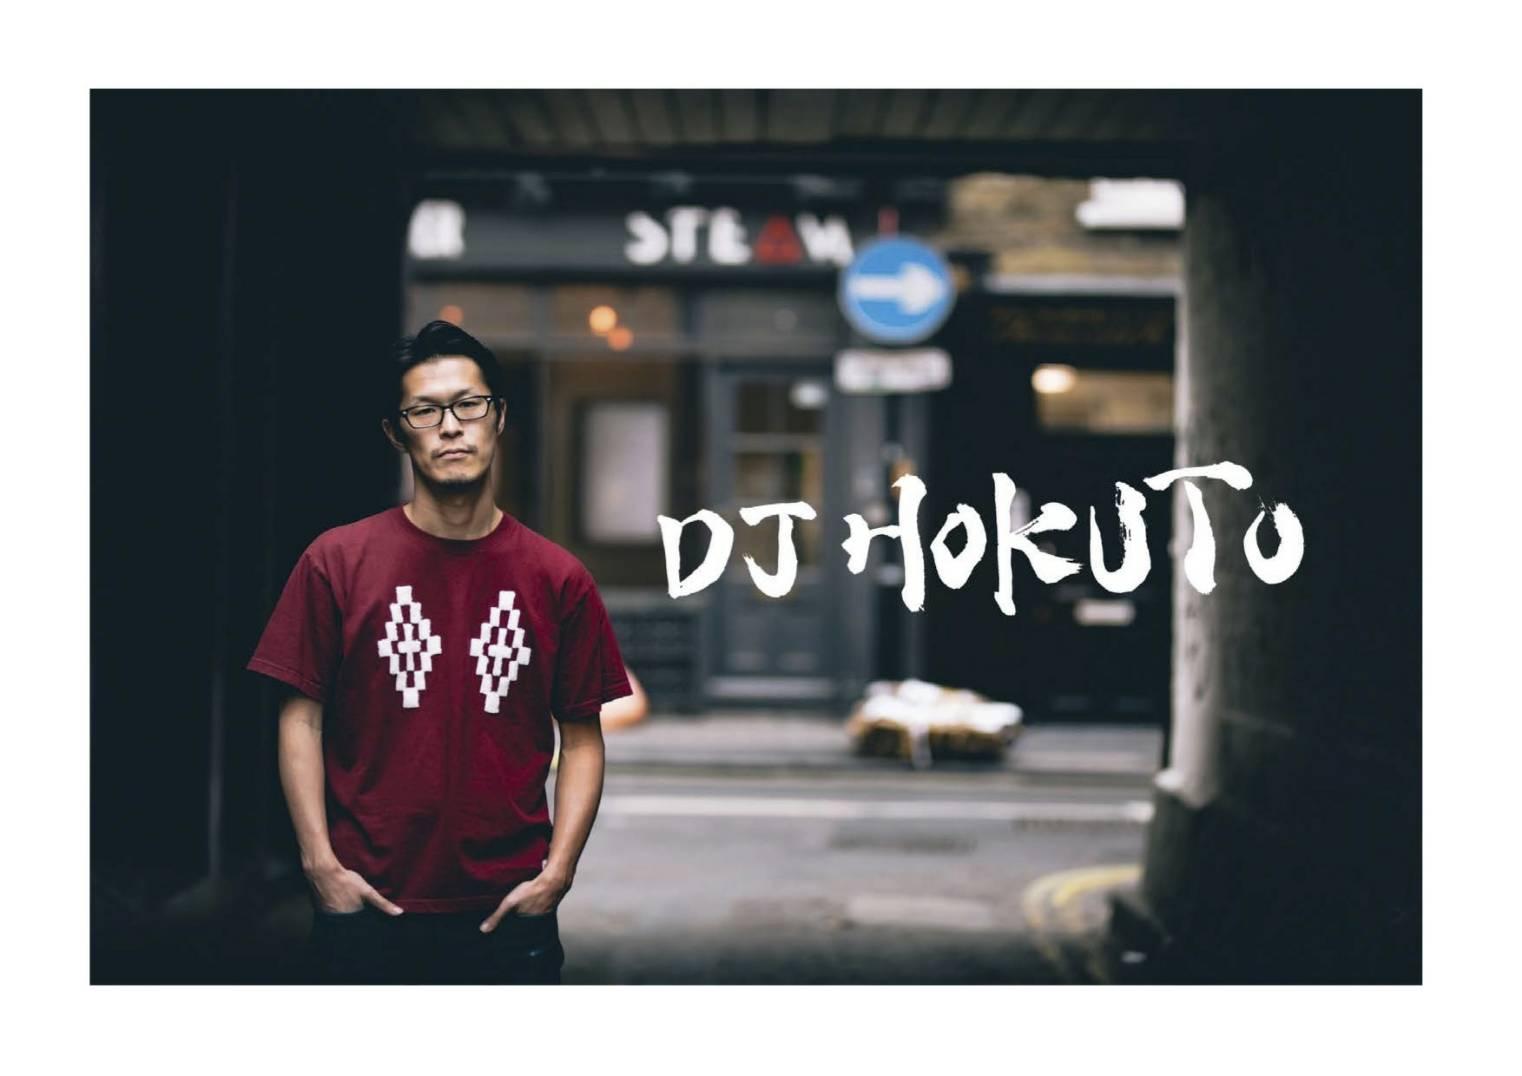 DJ HOKUTO